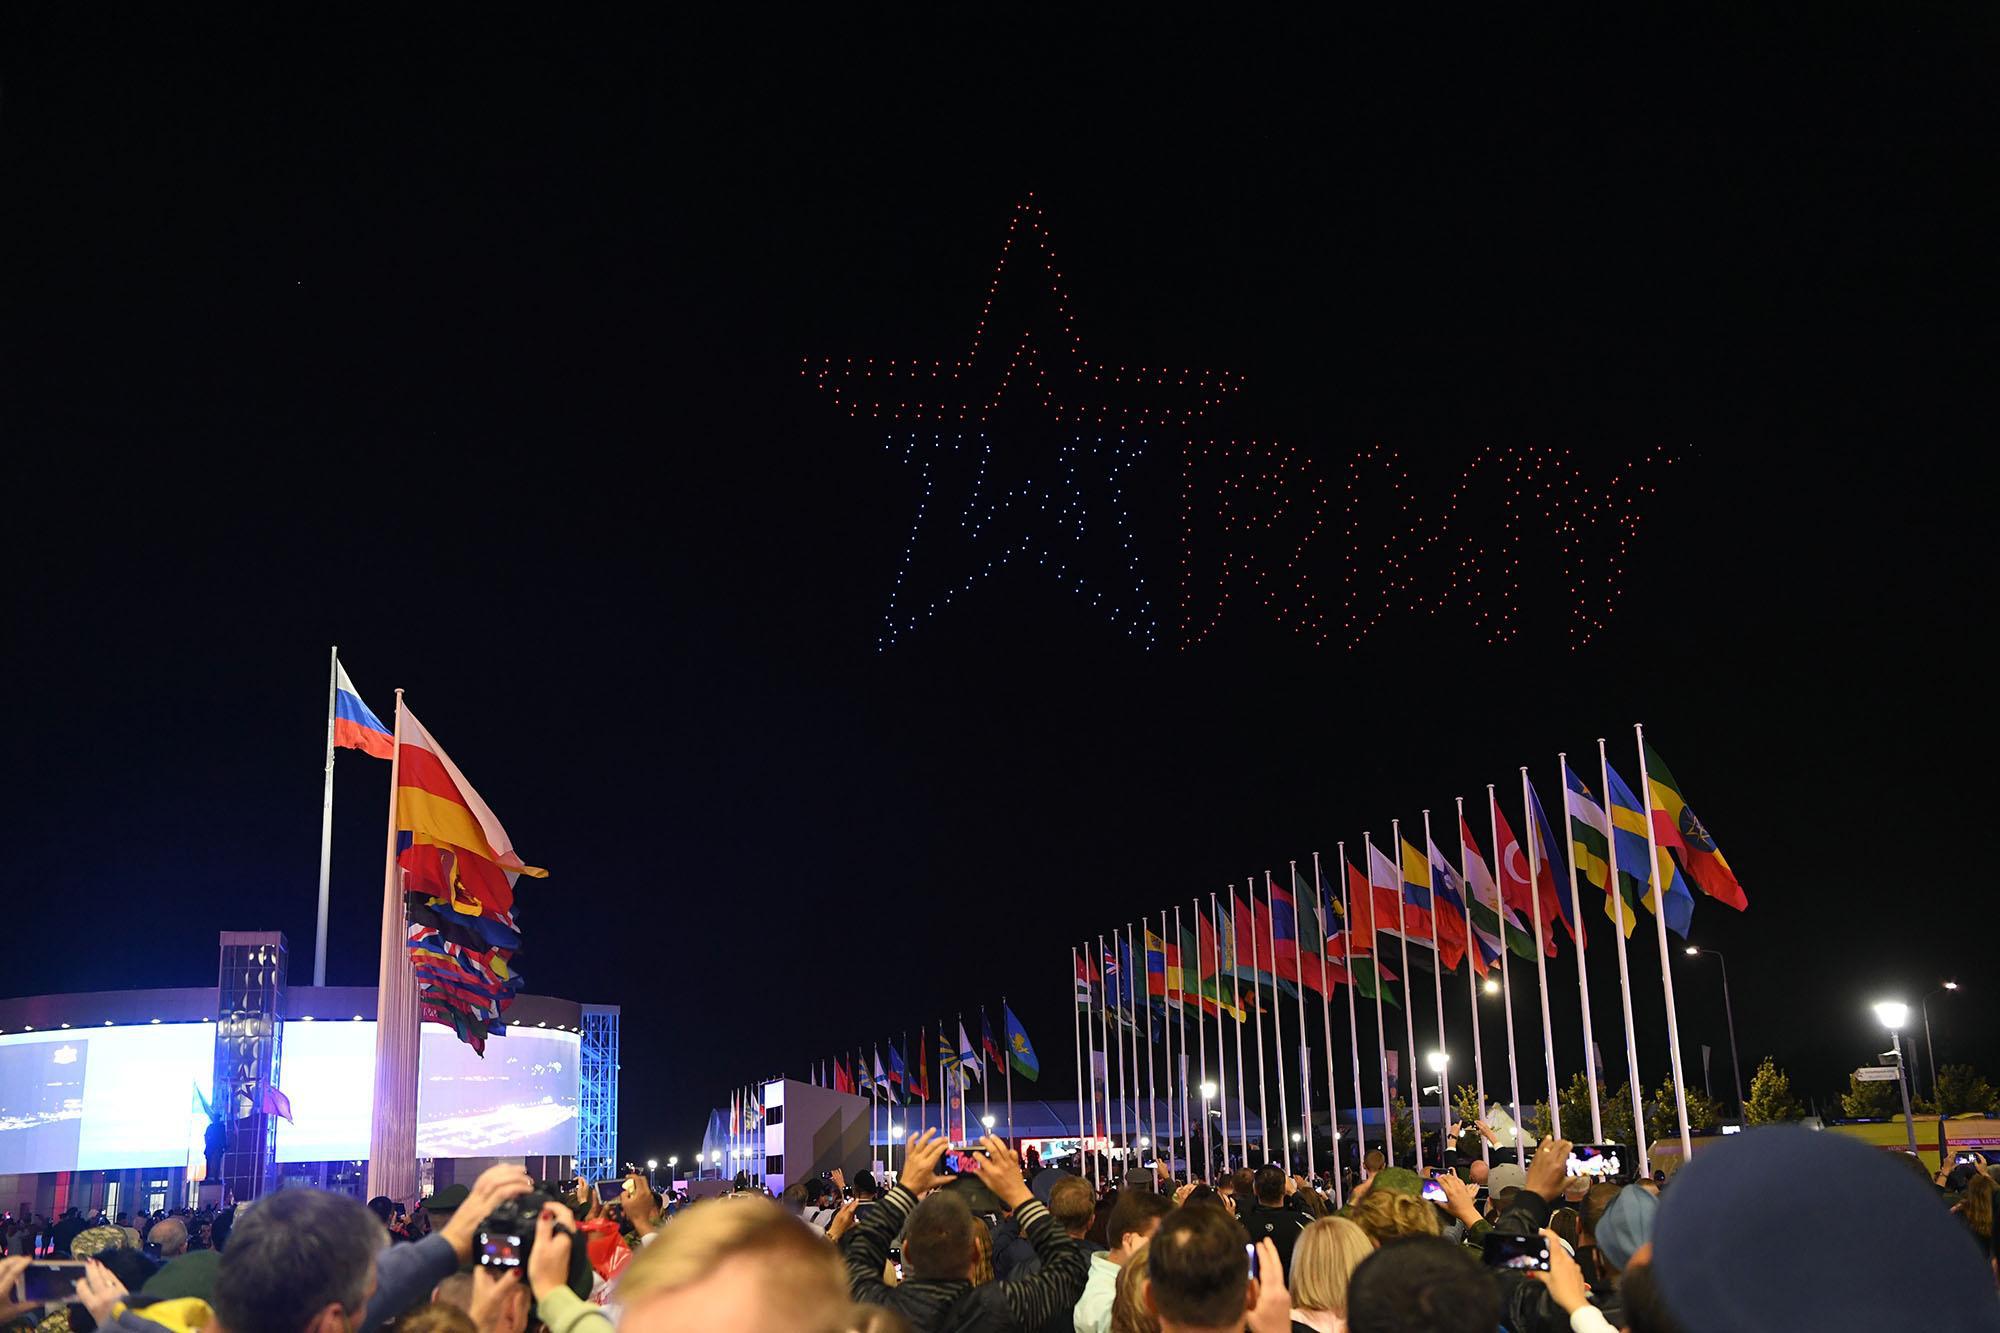 Những hình ảnh ấn tượng, pháo hoa rực rỡ tại lễ bế mạc Army Games 2020 - Ảnh 10.